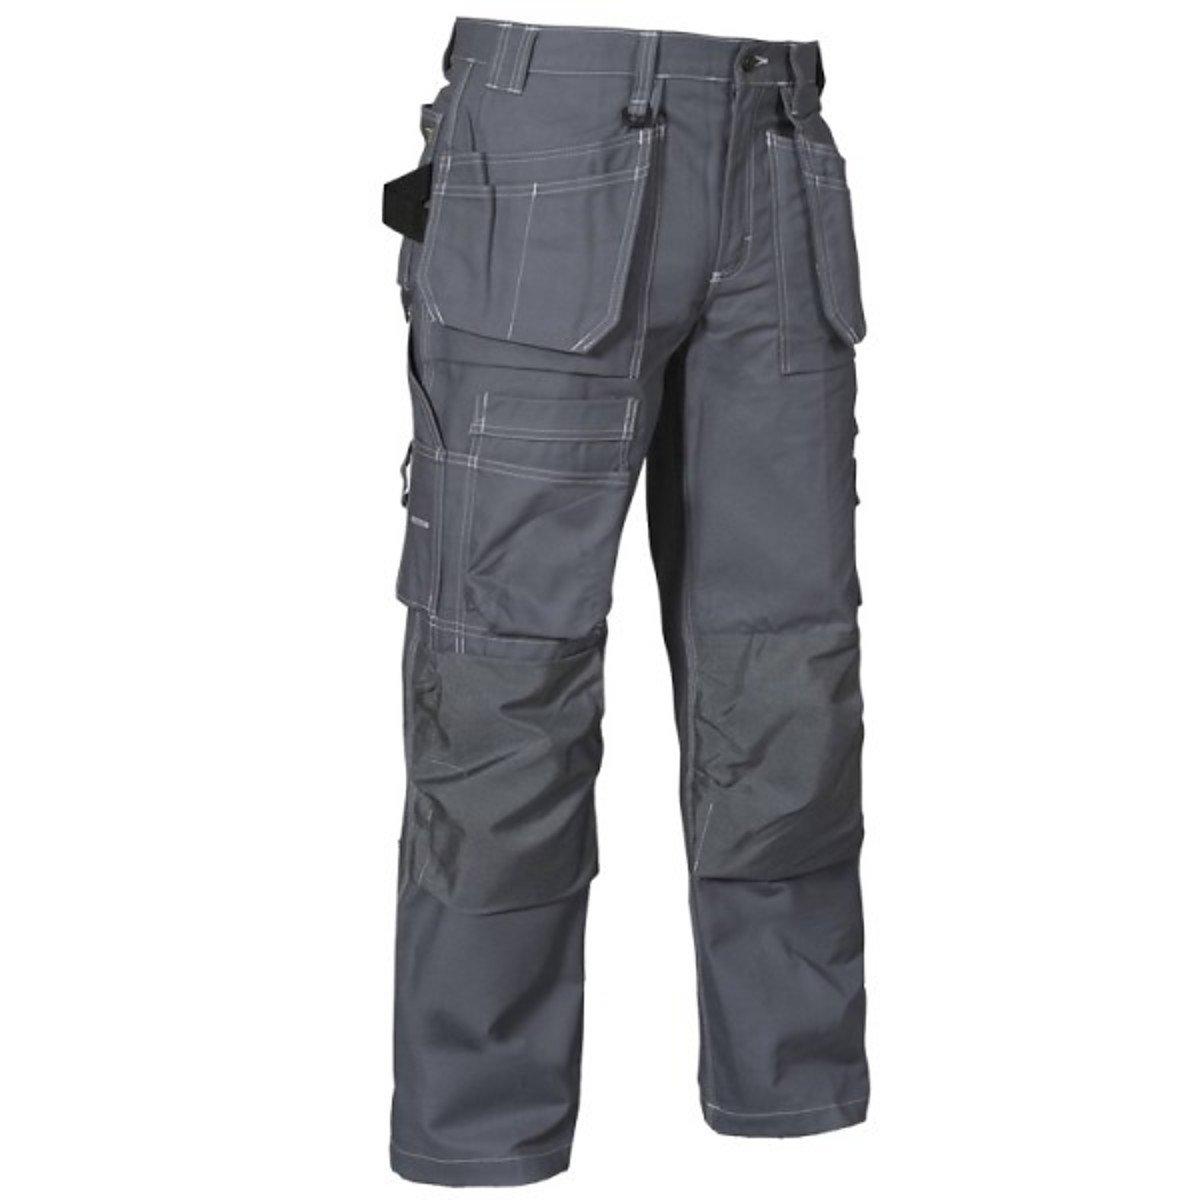 Blaklader Workwear Craftsman Trousers Grey D84 (30S UK)